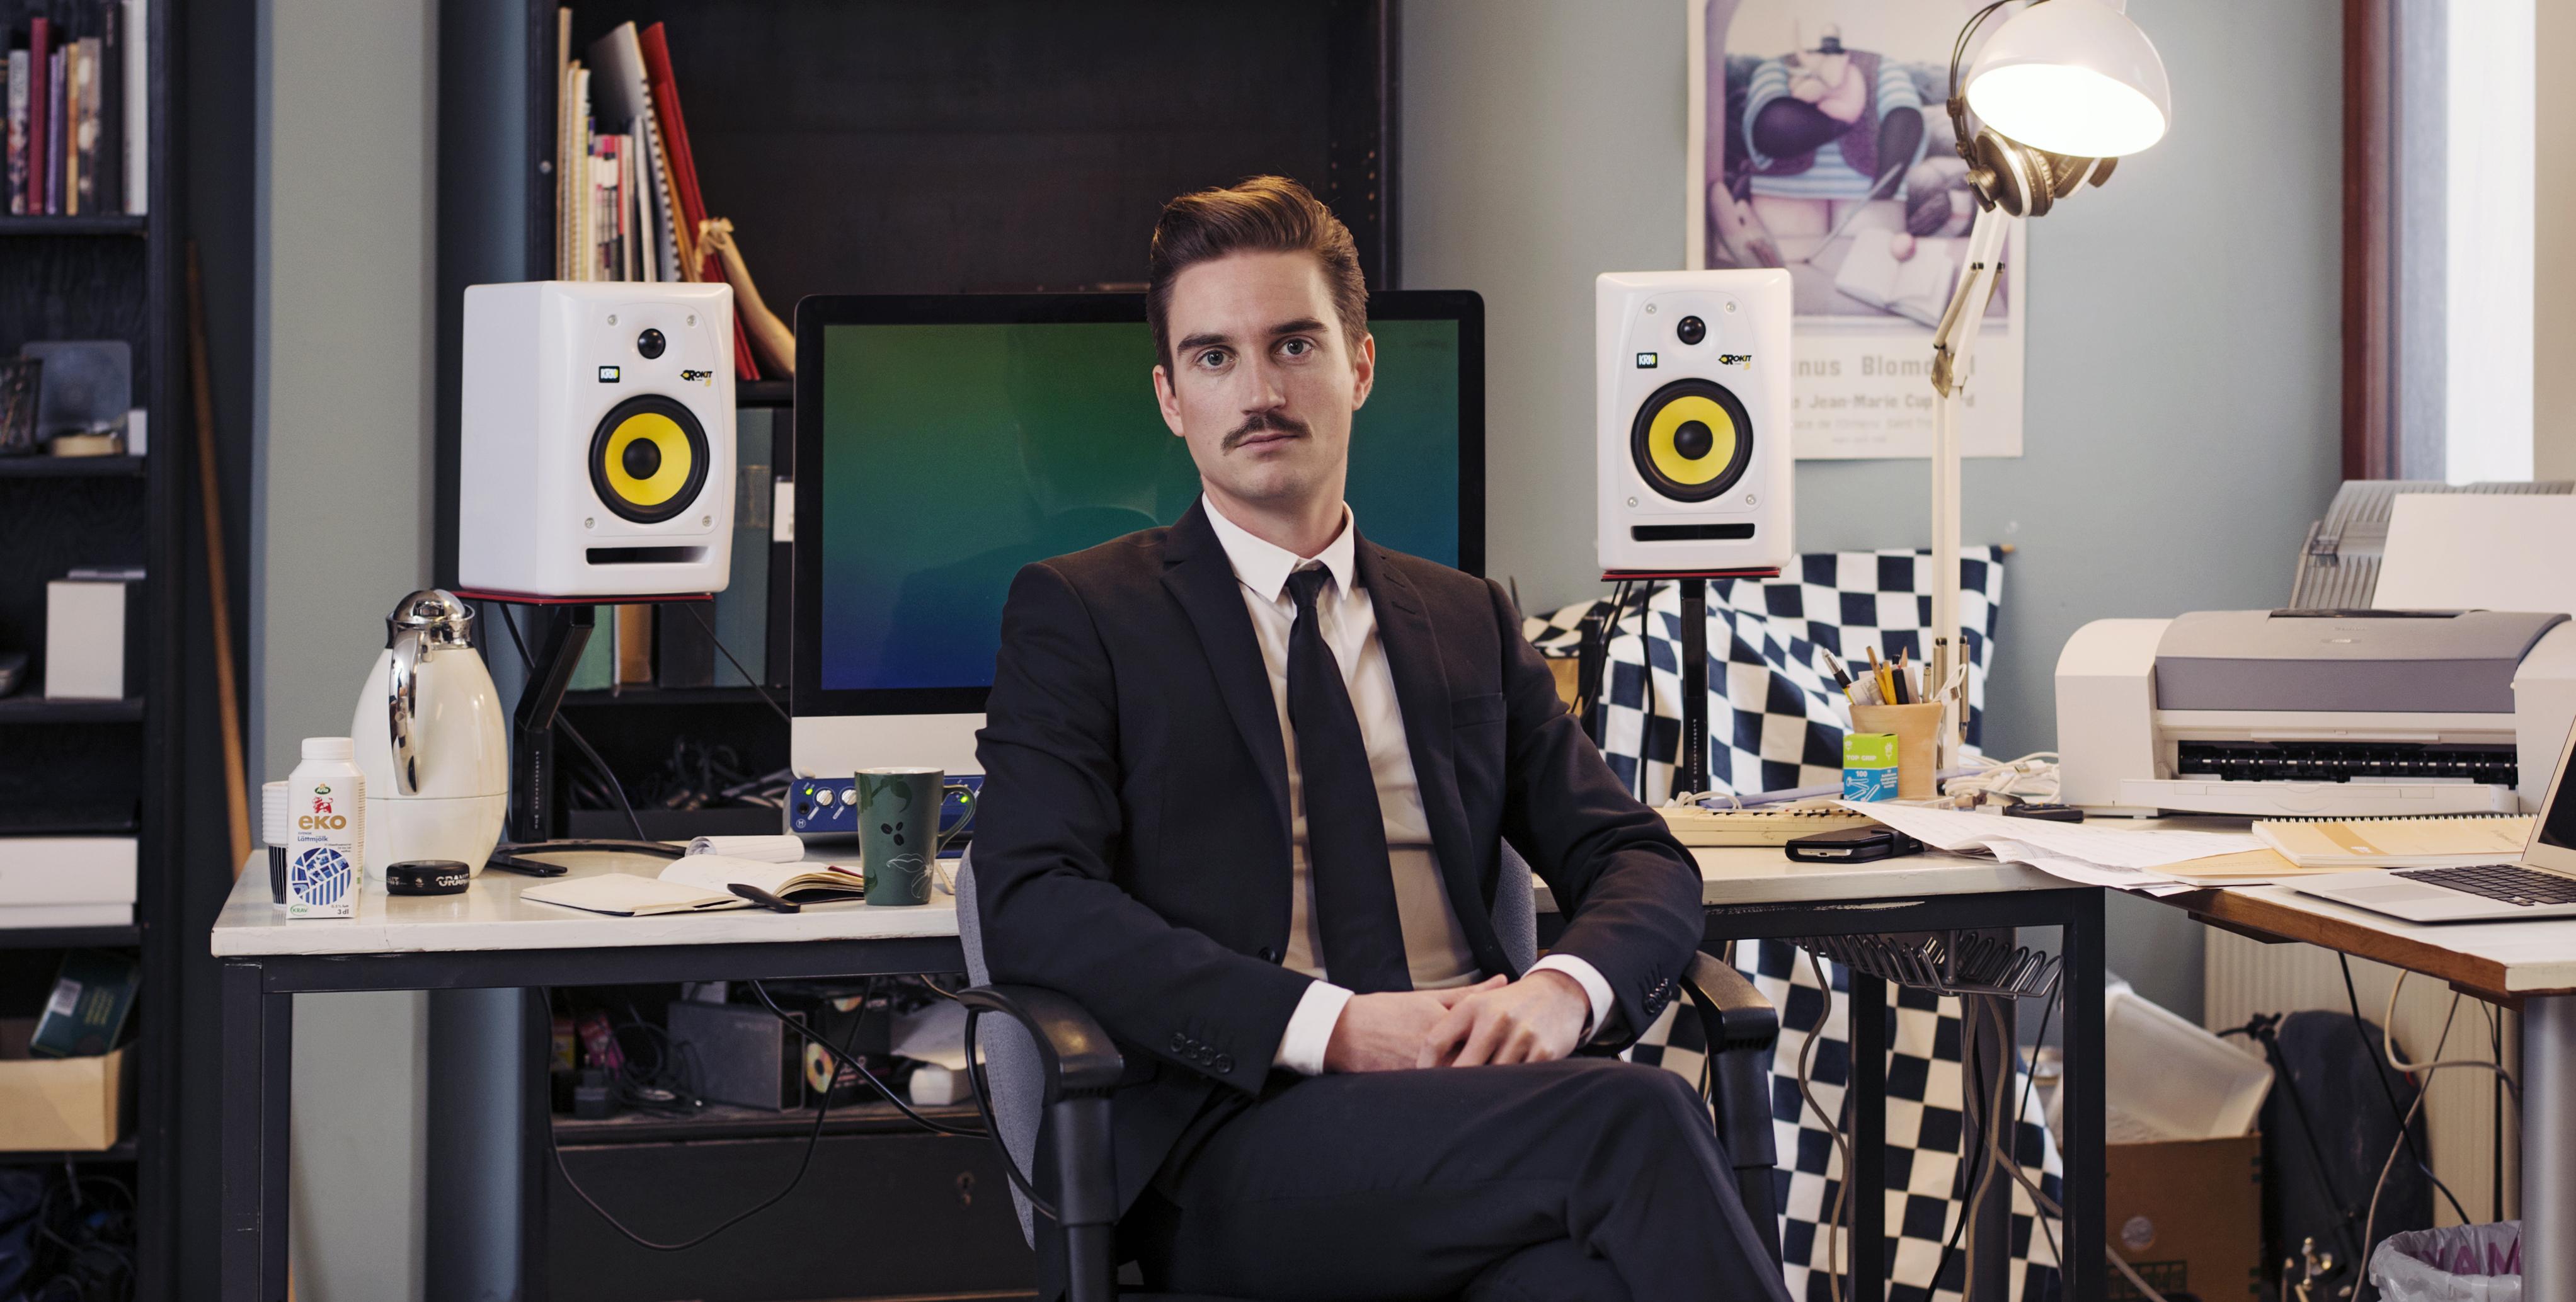 En Man I Kostym Som Sitter Med Ryggen Mot En Datorskärm Och Högtalare